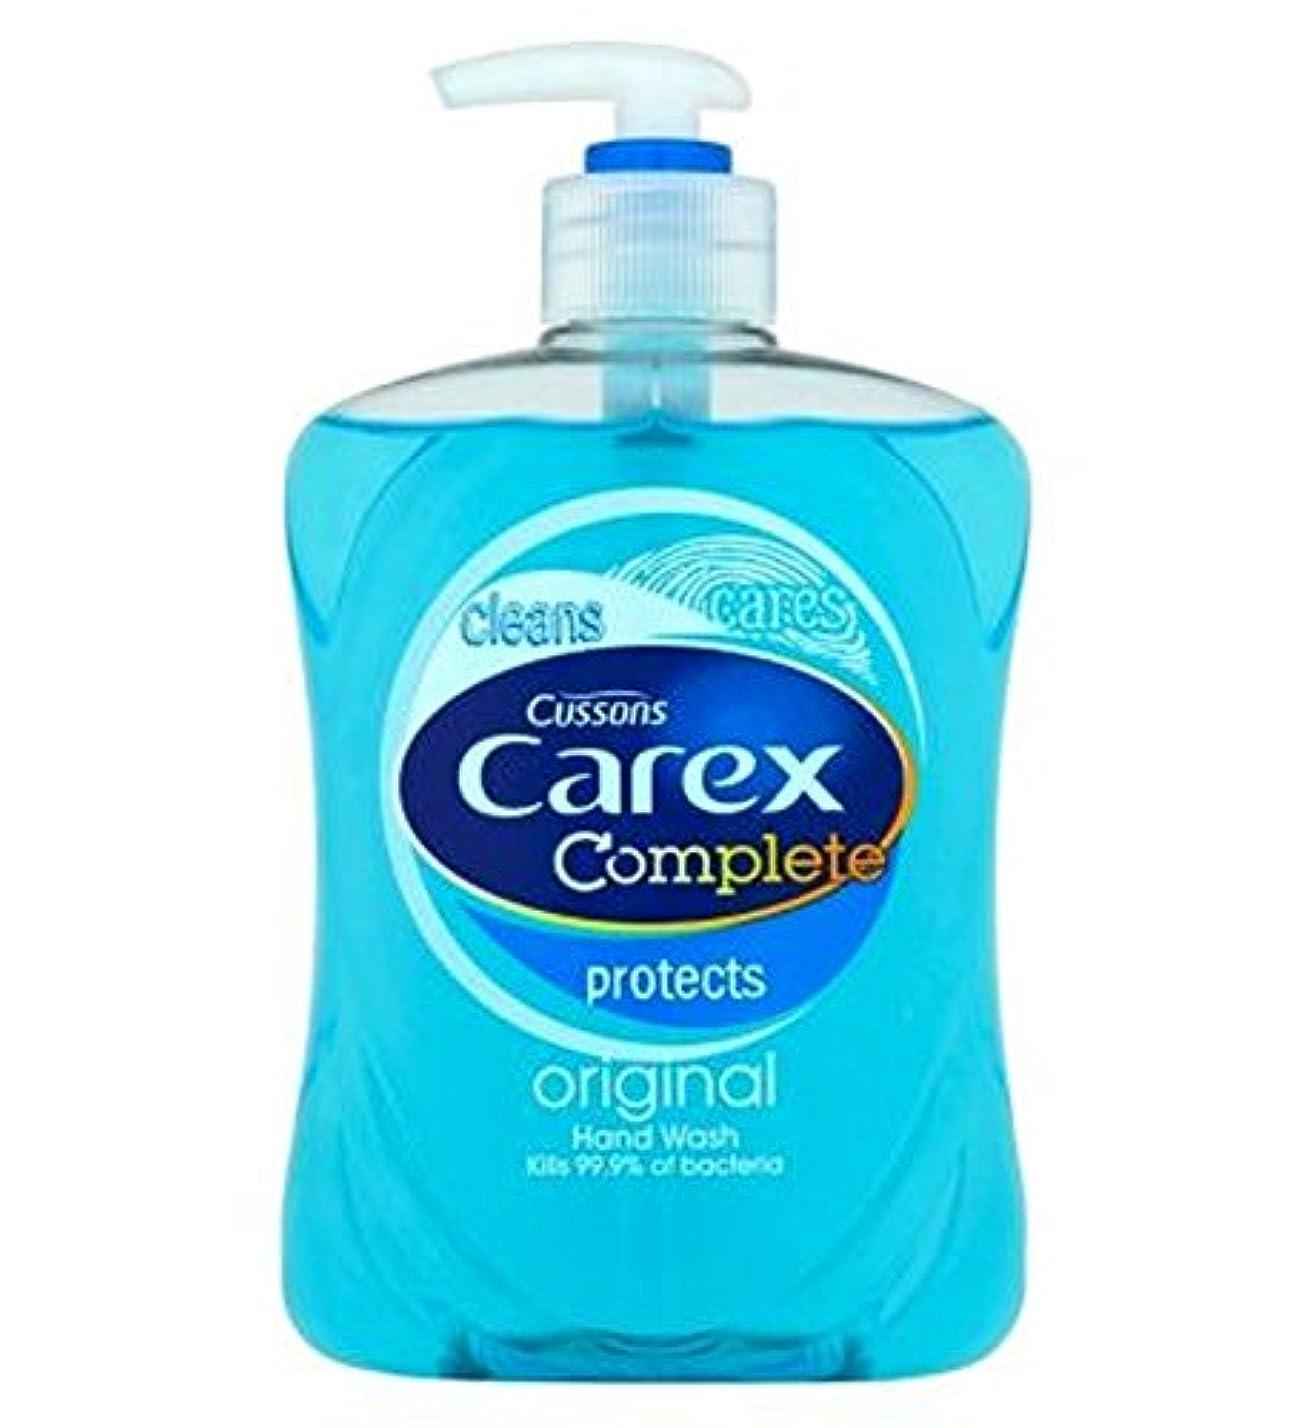 乱雑なペグメーカーCarex Complete Original Hand Wash 500ml - スゲ属の完全オリジナルのハンドウォッシュ500ミリリットル (Carex) [並行輸入品]